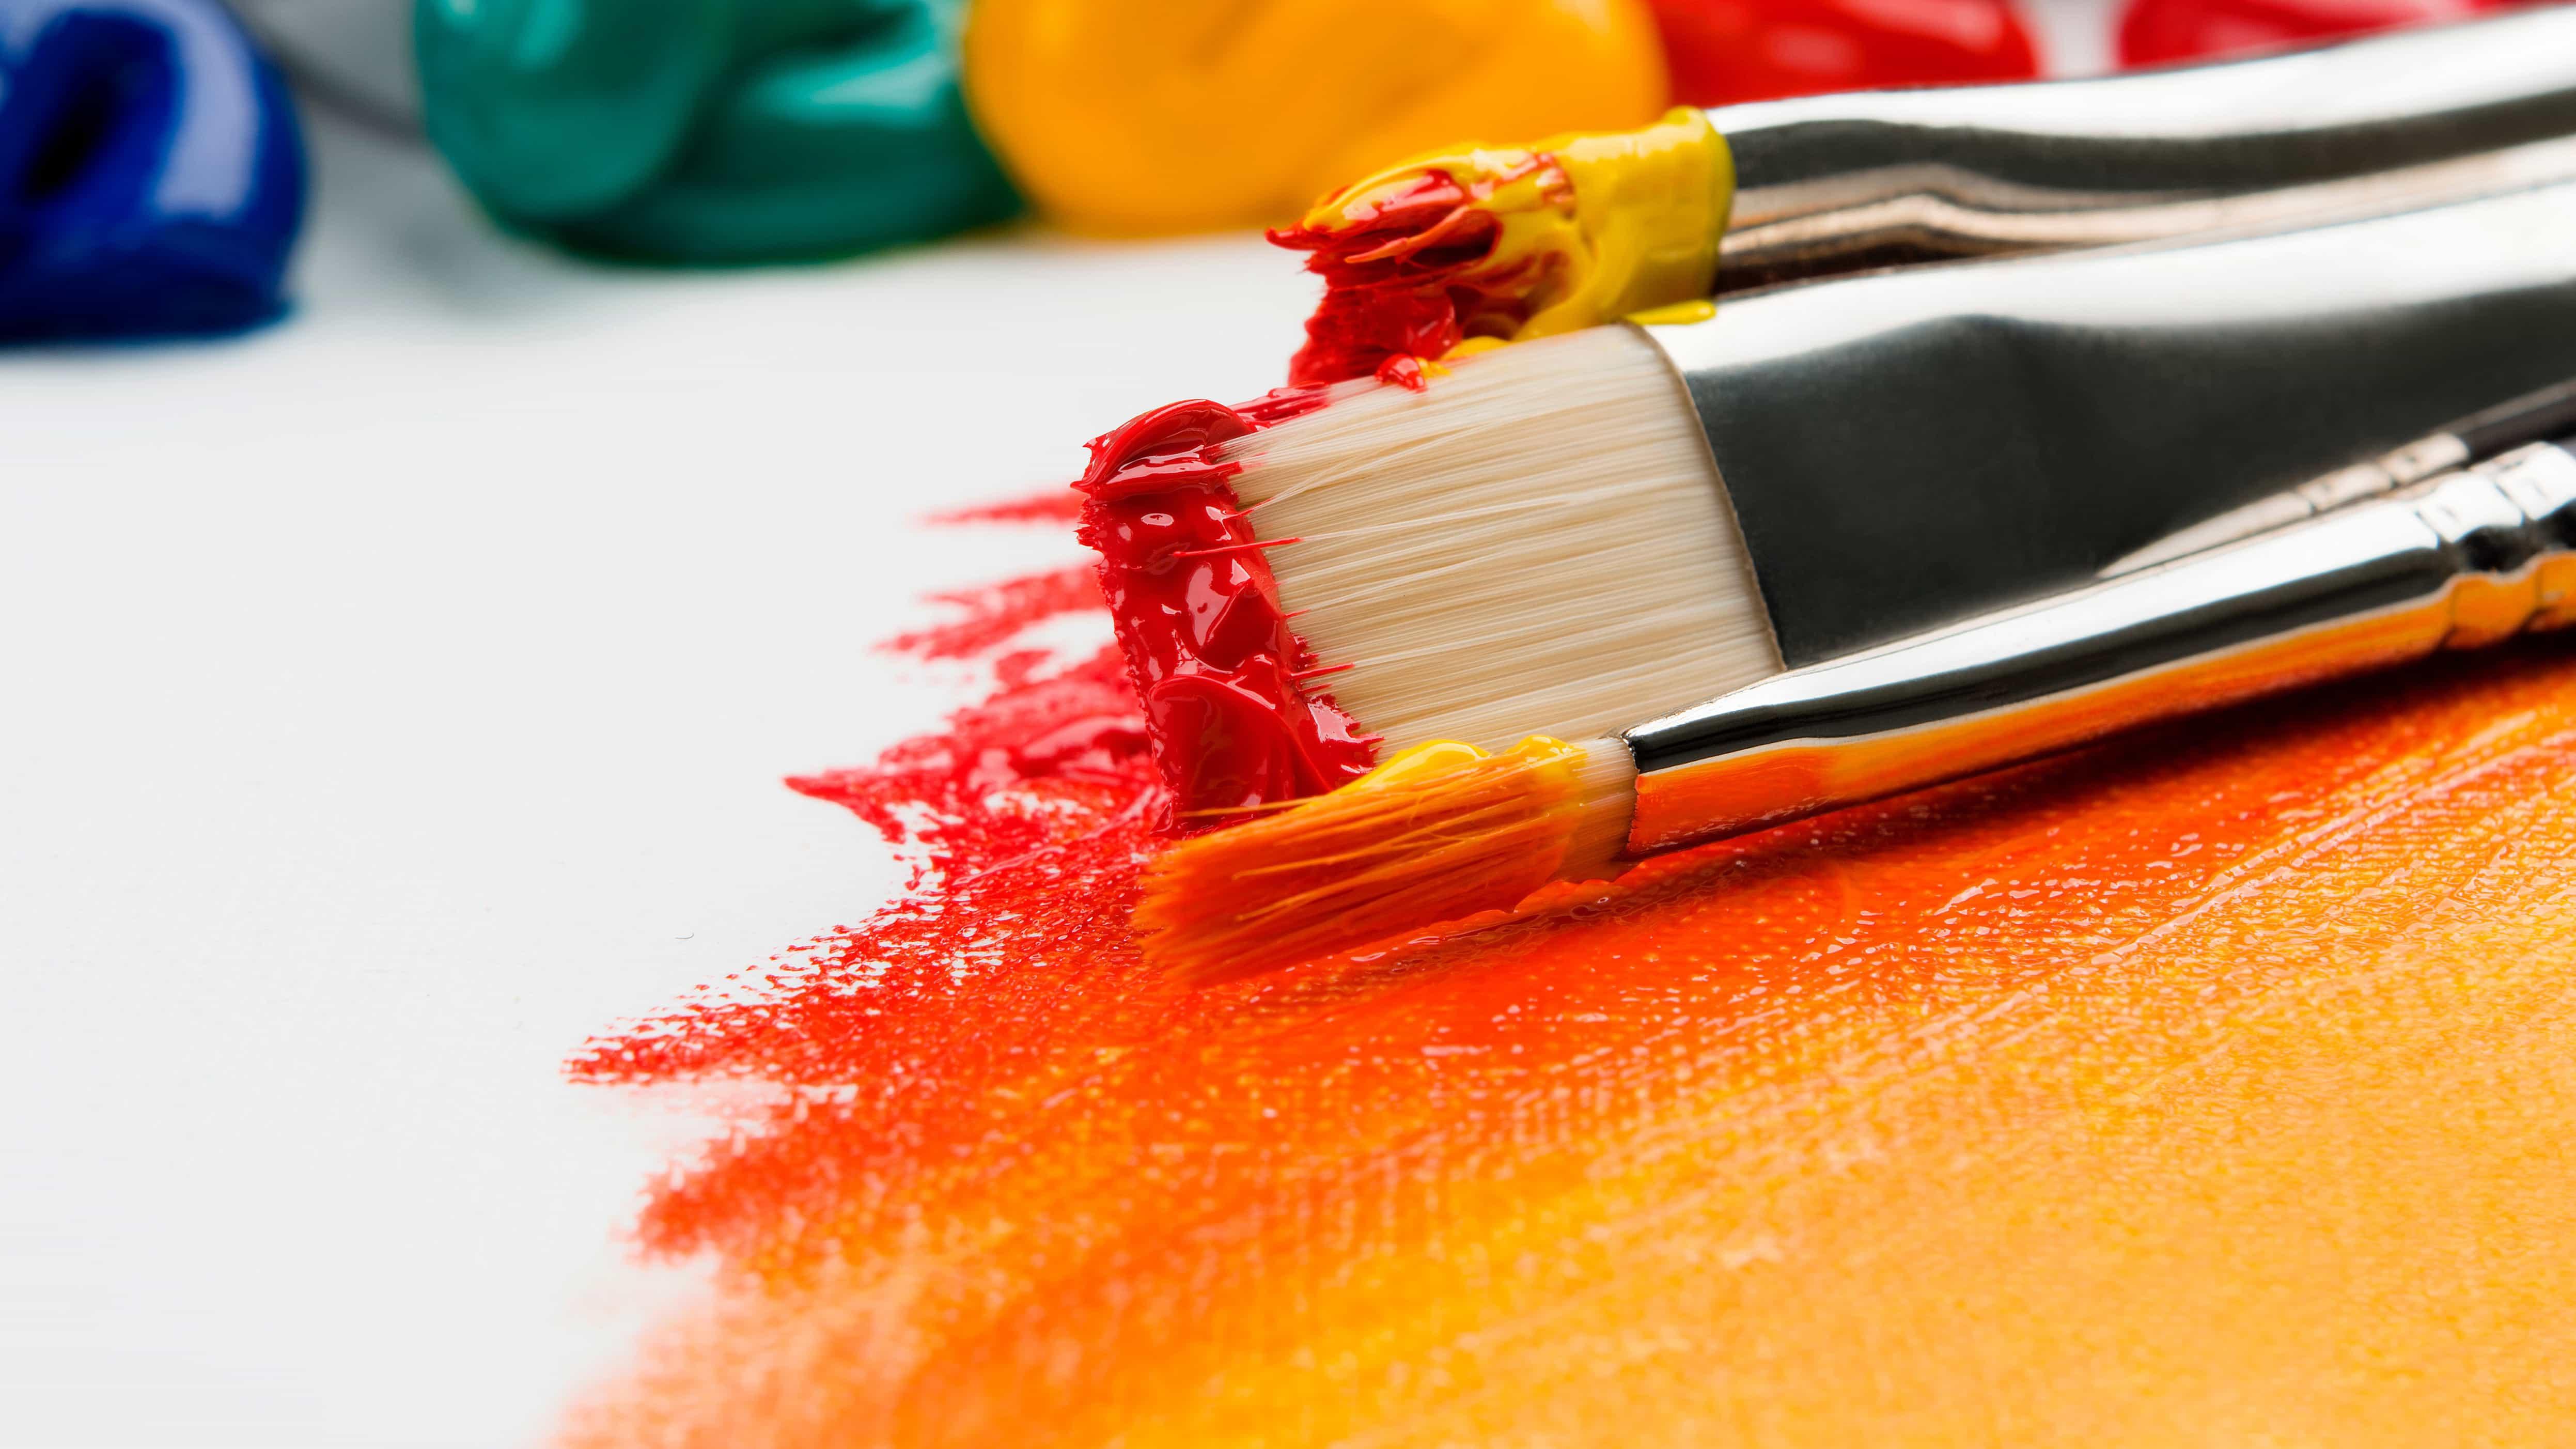 Lienzo de pintura para principiantes: Los mejores consejos